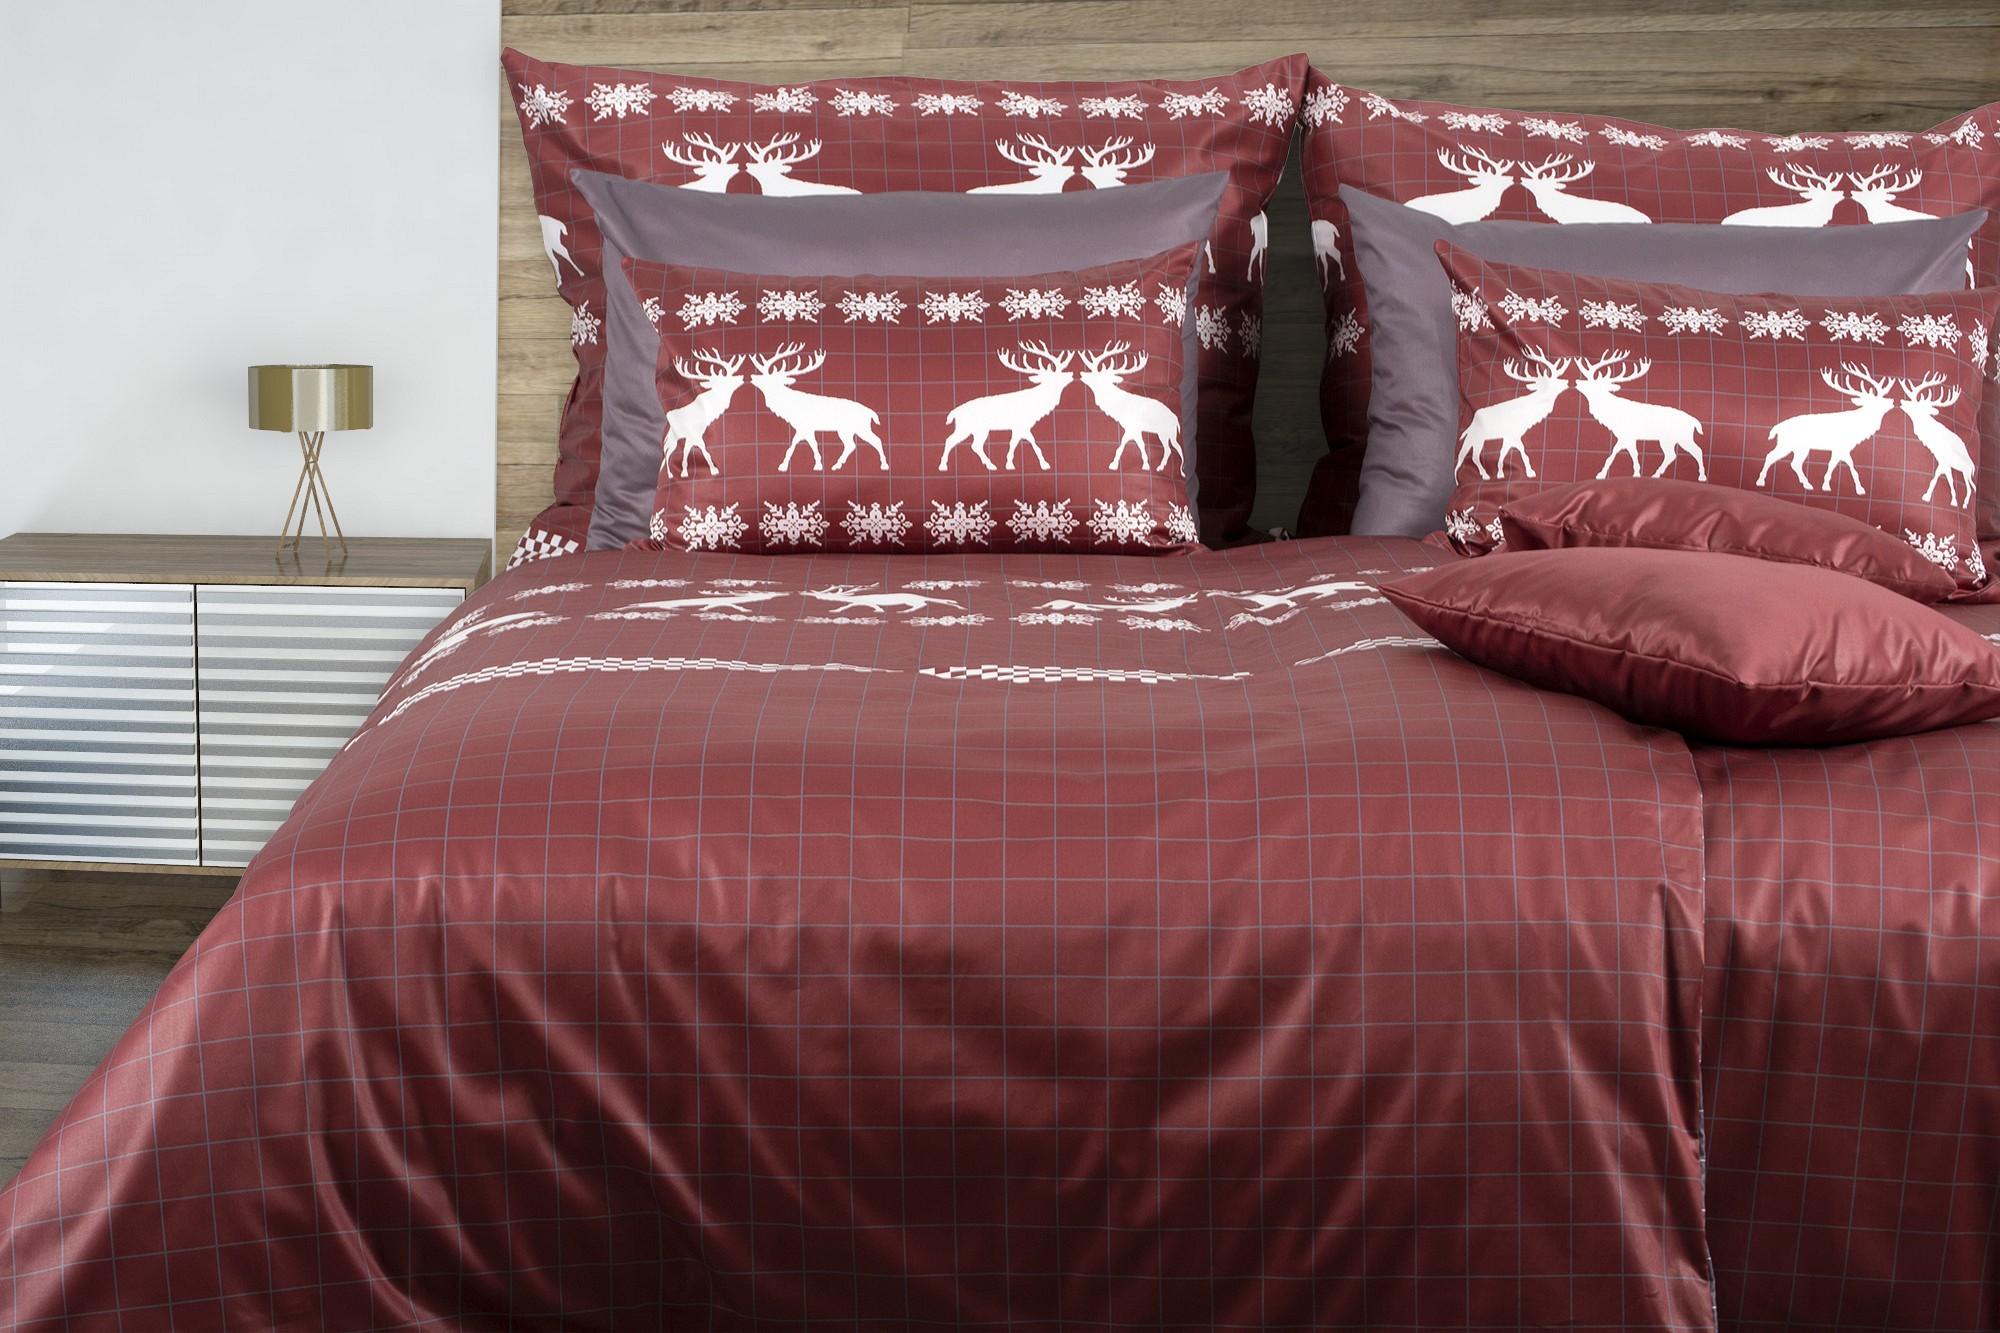 Luxus pamut szatén ágyneműhuzat Tematikus kollekció Karácsonyi ágyneműhuzat  Noel. Kedvenceim közé teszem. Noel bcdce3dd4a